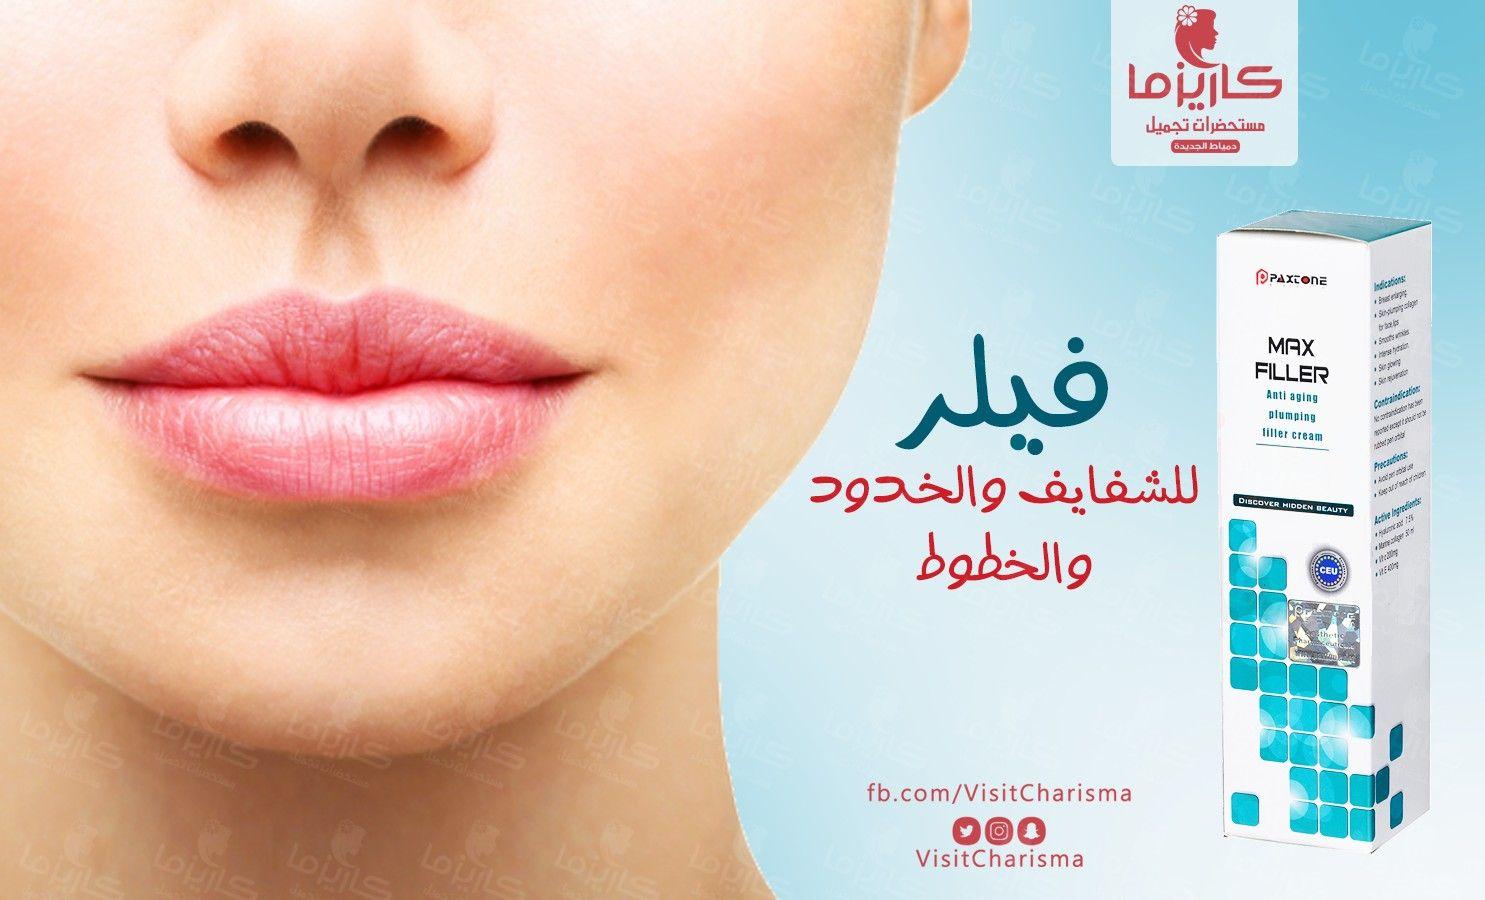 فيلر لنفخ الشفايف والخدود والخطوط الرفيعة وعلامات التقدم في السن العنوان دمياط الجديدة المنطقة المركزية Beauty Cosmetics Health Beauty Makeup